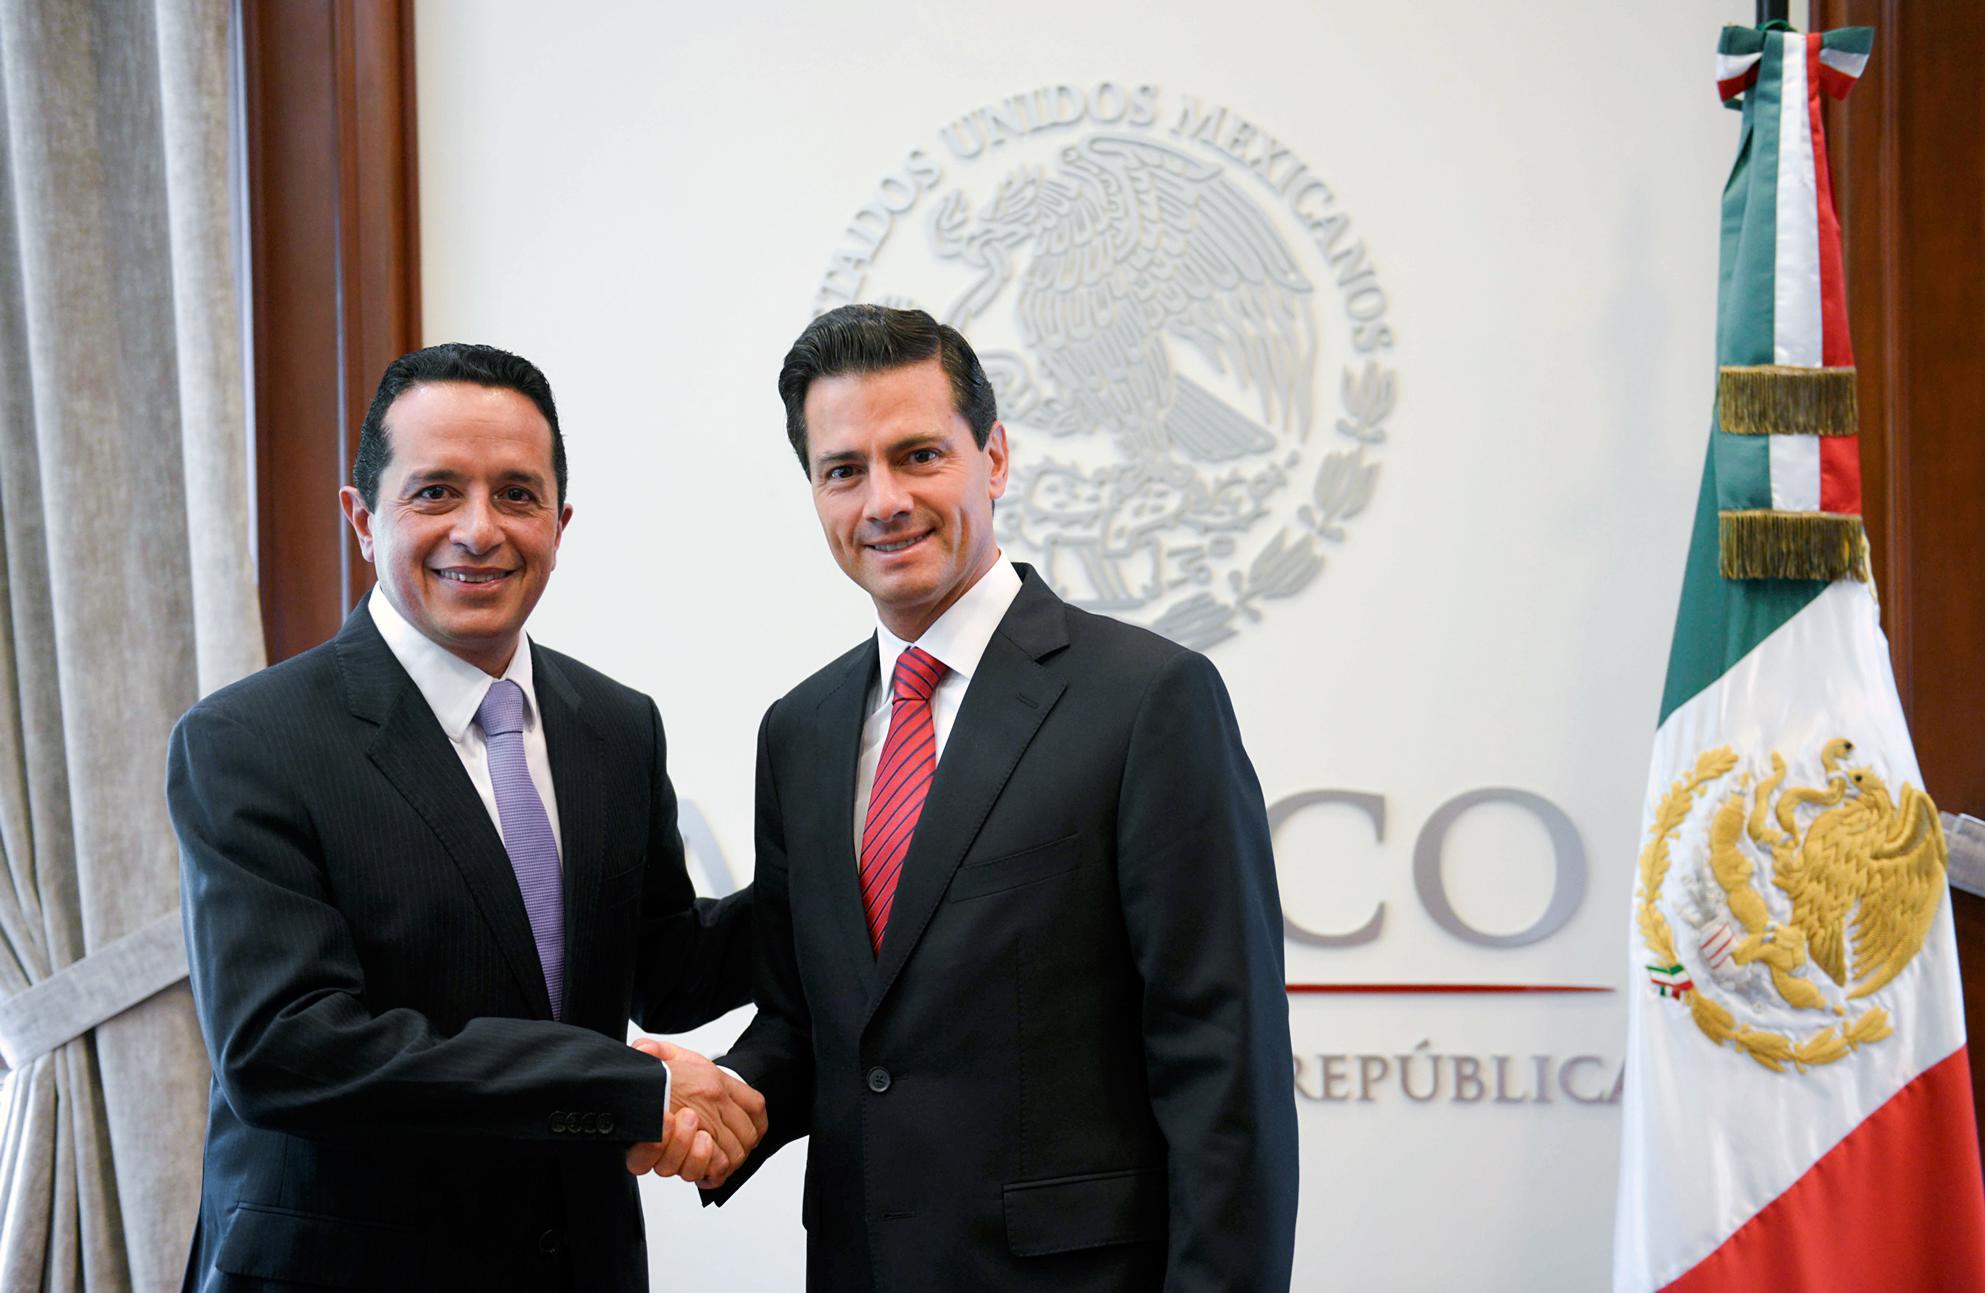 En la Residencia Oficial de Los Pinos, el Presidente Peña Nieto le reiteró al Gobernador Electo su felicitación por el triunfo obtenido en las elecciones del pasado 5 de junio.